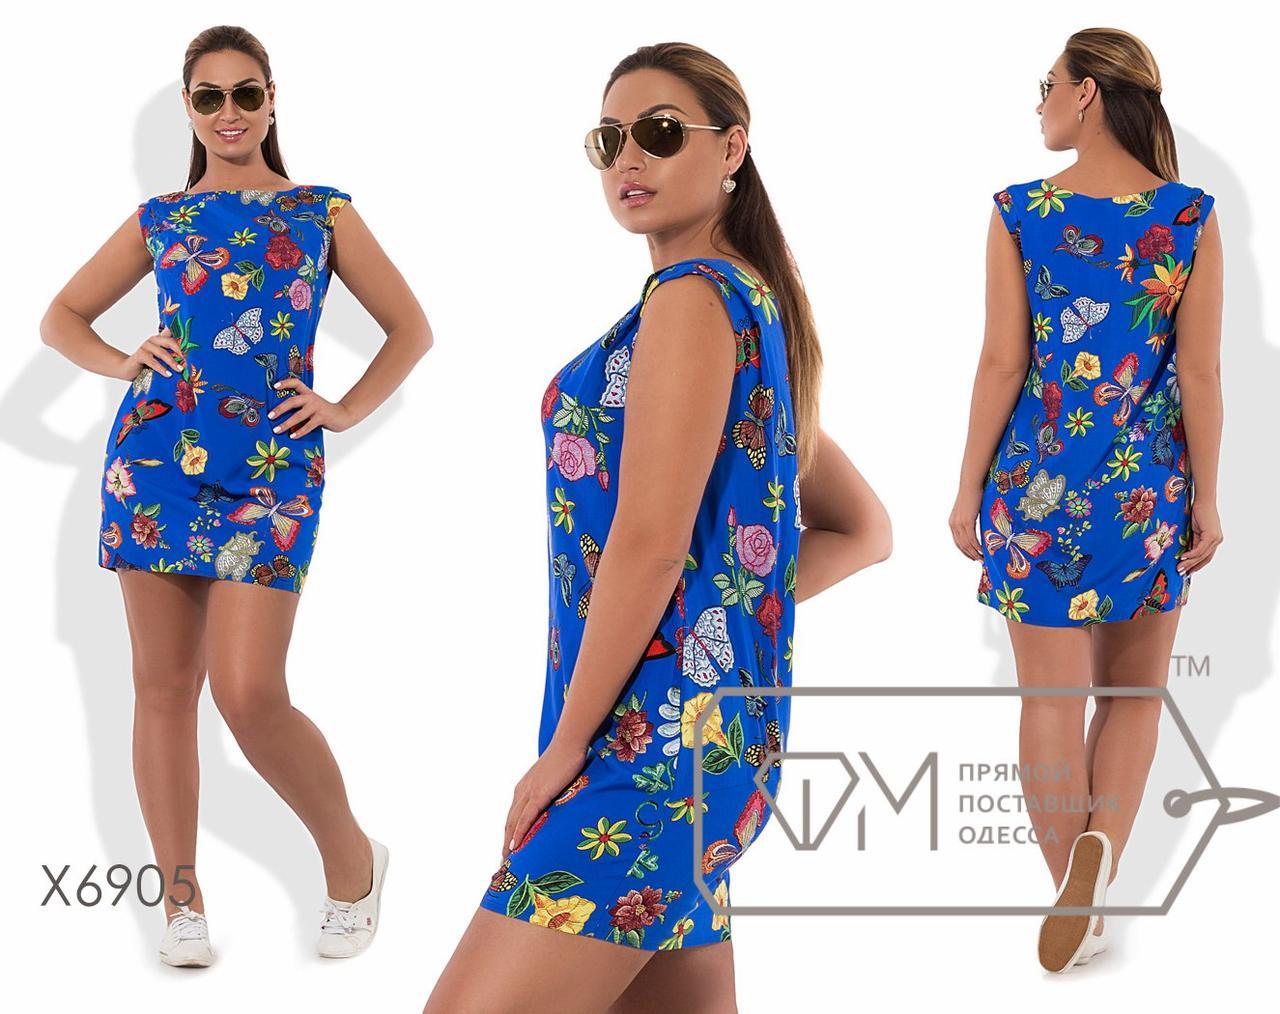 Платье-шифт мини прямое из принтованного штапеля без рукавов с вырезом лодочка и косыми кармашками X6905